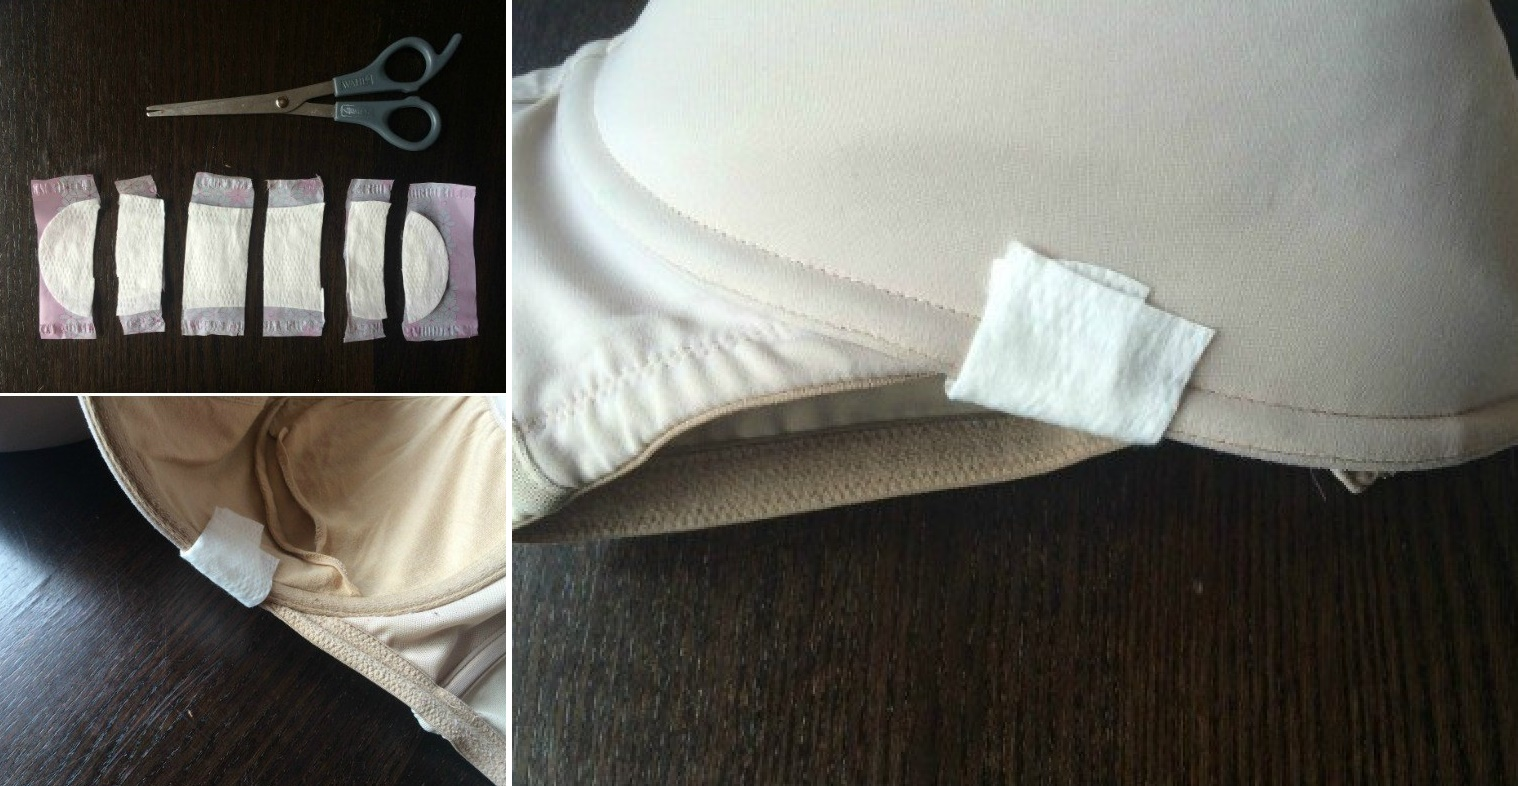 les astuces soutiens gorge que toutes les femmes devraient conna tre. Black Bedroom Furniture Sets. Home Design Ideas